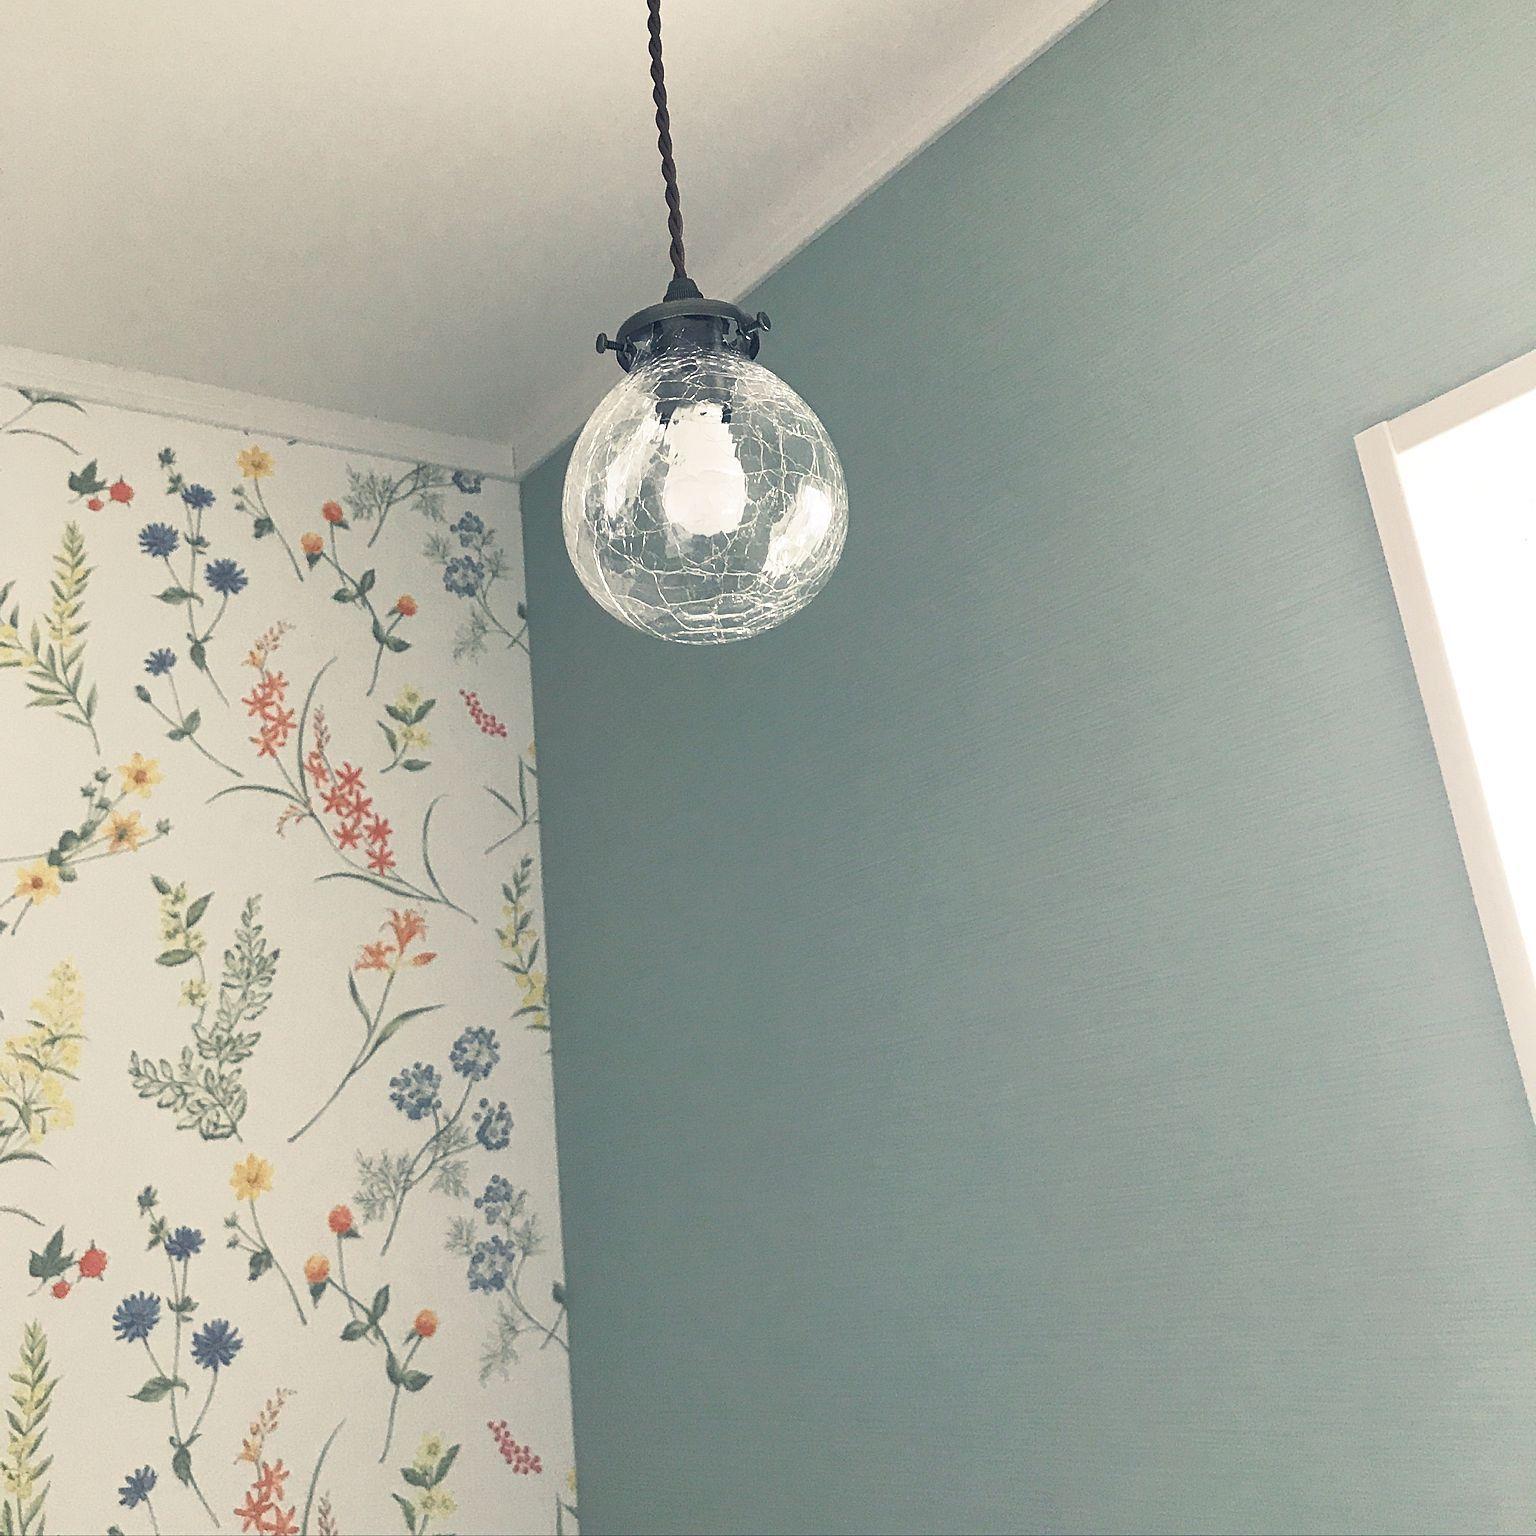 バス トイレ Toto 花柄壁紙 マイホーム記録 Vintia などのインテリア実例 17 07 21 19 35 Roomclip ルームクリップ トイレ 壁紙 花柄 壁の設計 壁紙 家